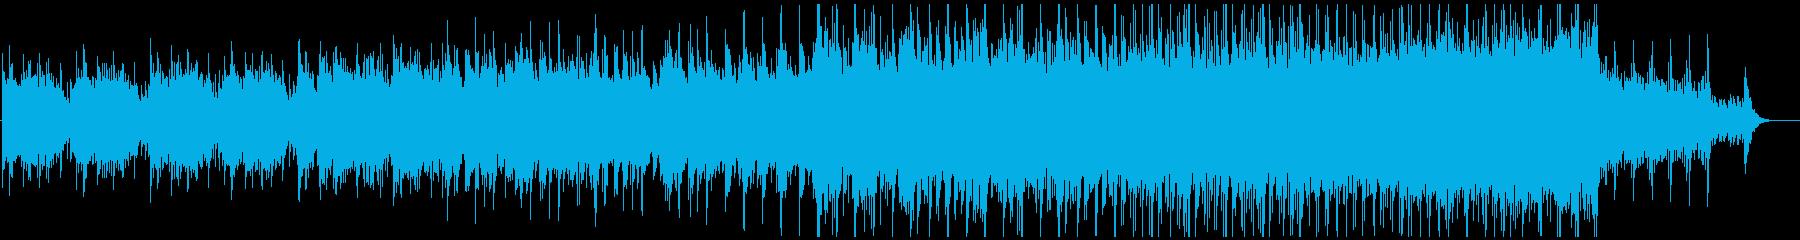 クールでスタイリッシュなテクスチャー楽曲の再生済みの波形